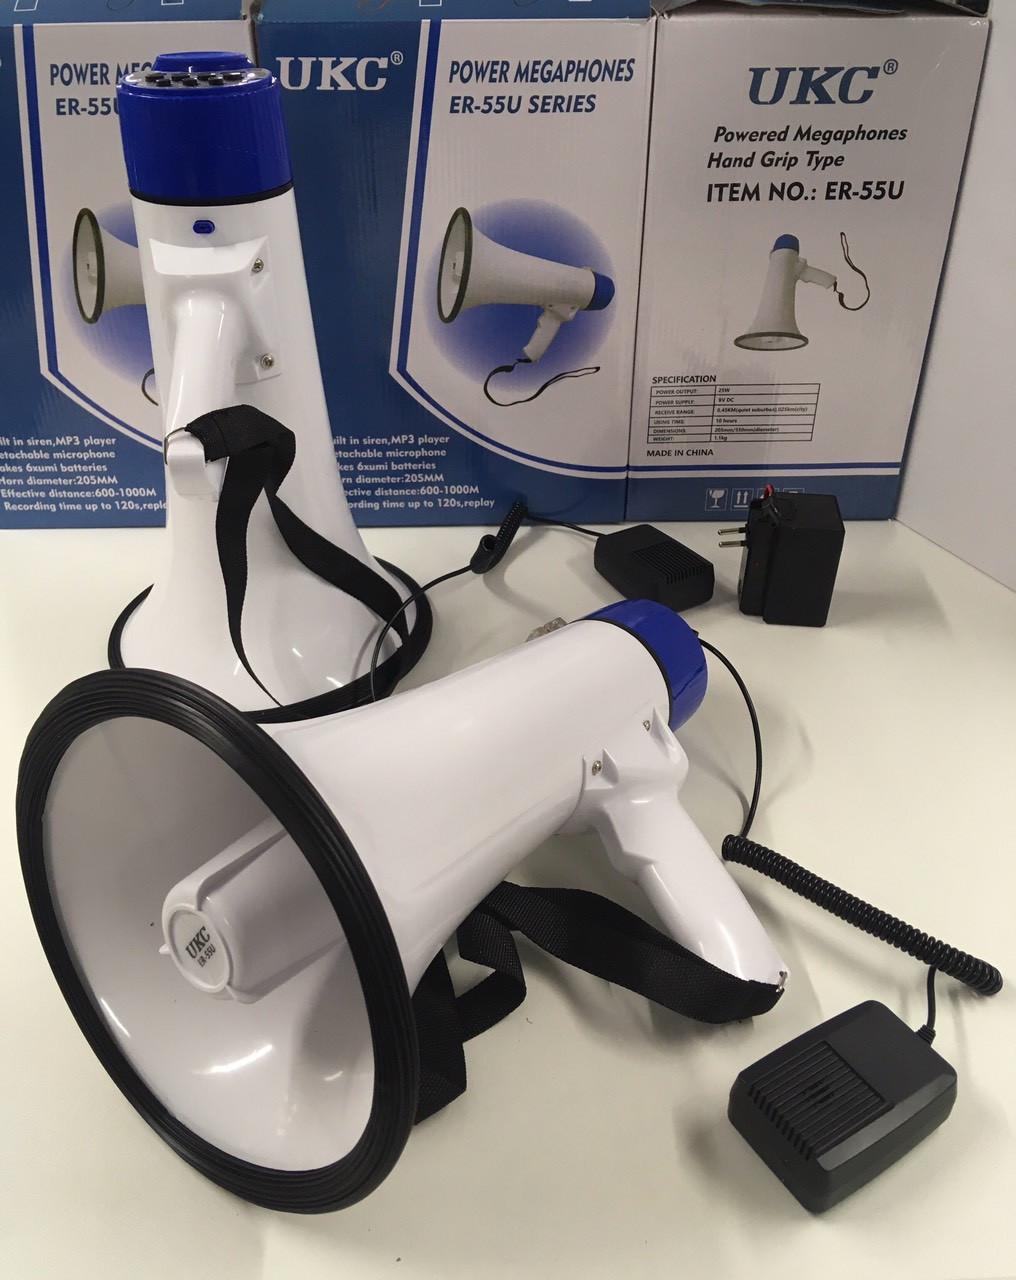 Мегафон POWER MEGAPHONE +МР3, UKC ER-55U, громкоговоритель, рупор ручной